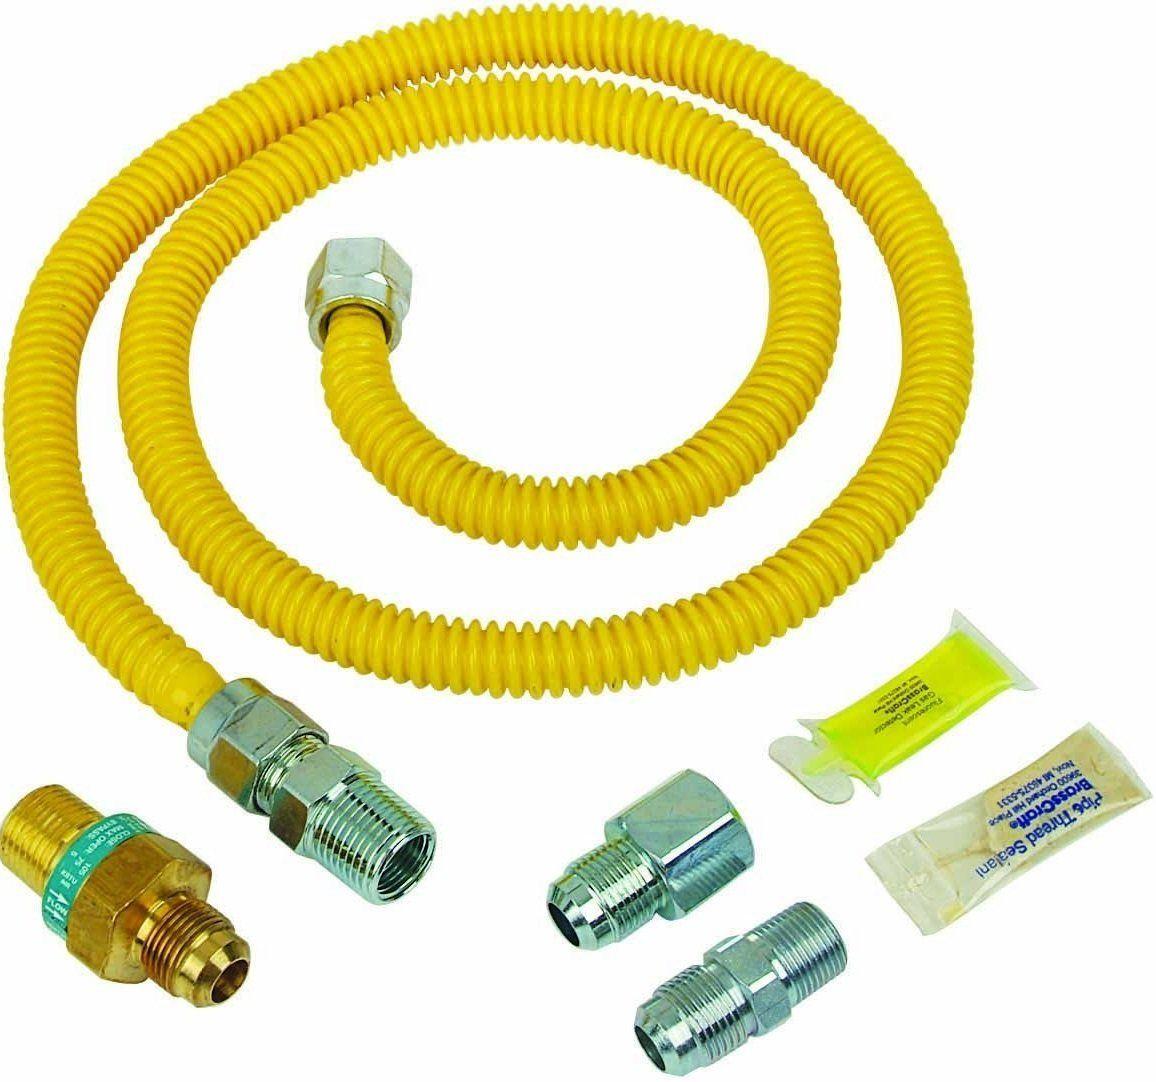 Brasscraft psc1106 safetyplus gas installation kit for